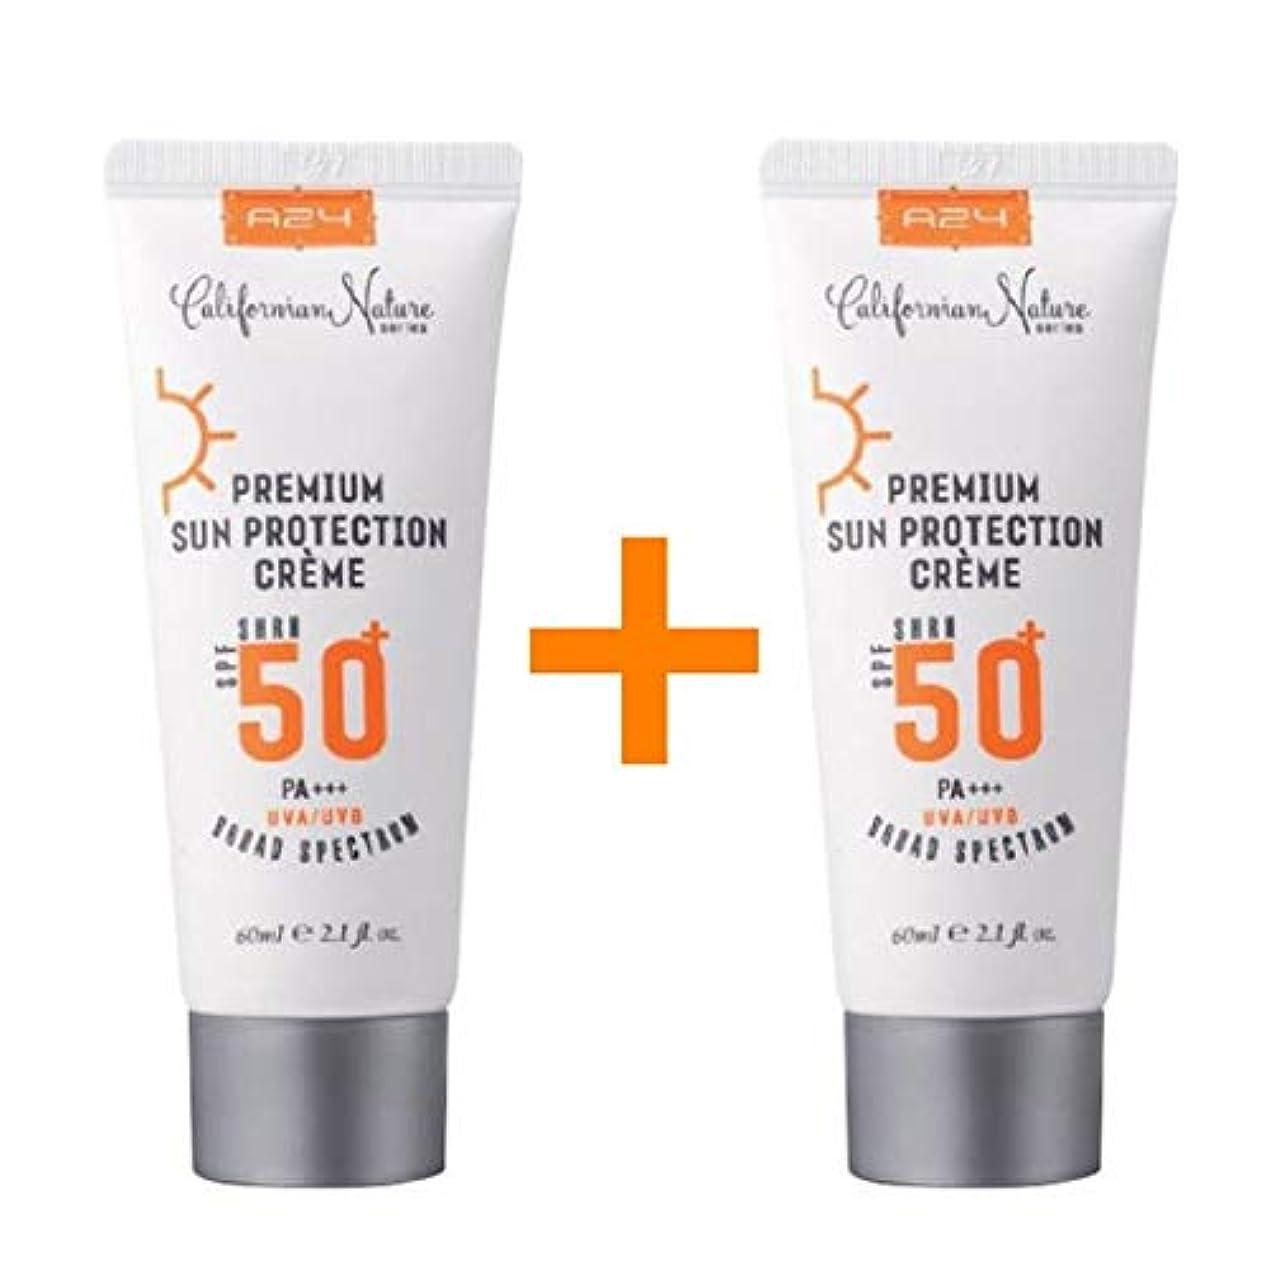 囲いミニ概して[1 + 1 ] A24 プレミアム サン プロテクション クリーム 60ml (SPF50+/PA+++) / Premium Sun Protection Cream/米国コスメ 米国日焼け止め